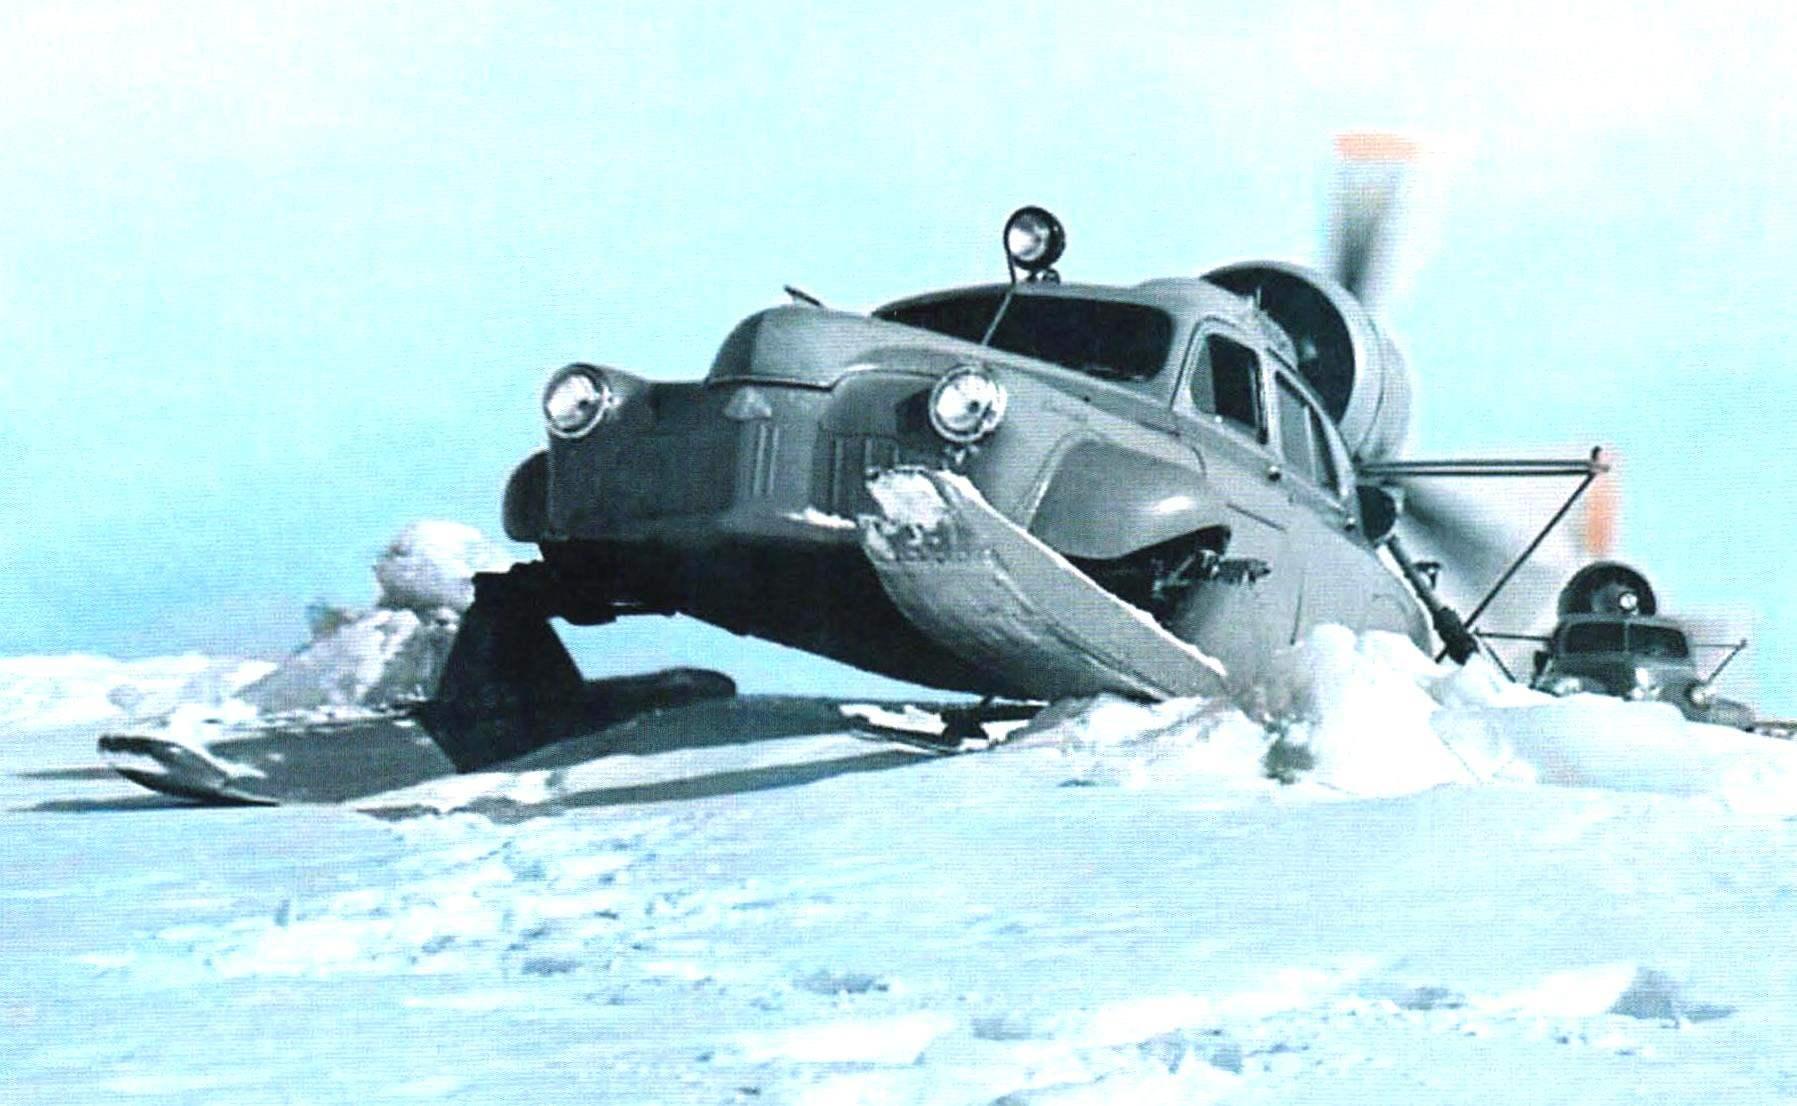 Аэросани «Север-2» в испытательном пробеге